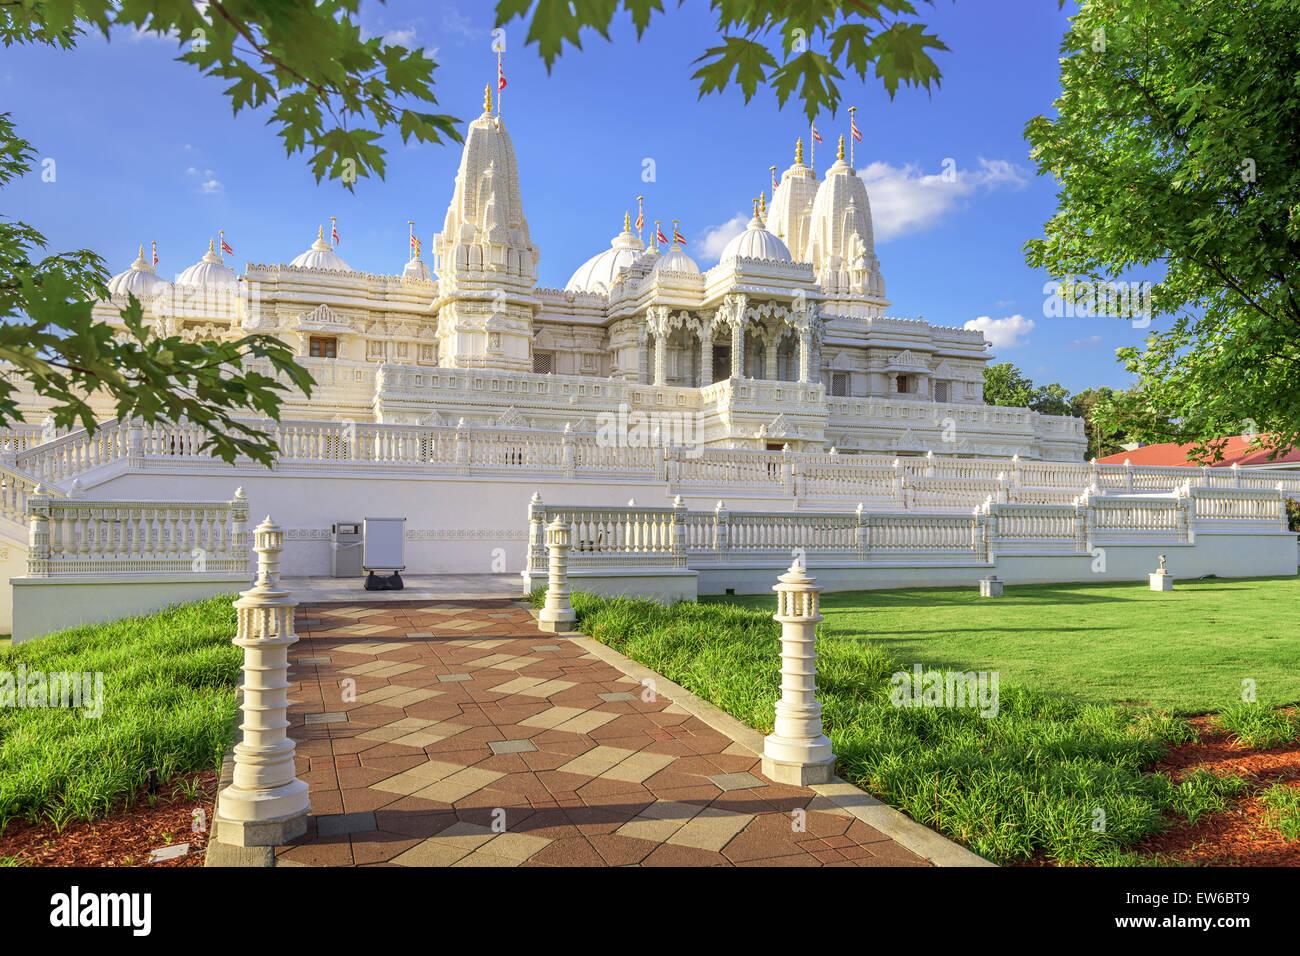 BAPS Shri Swaminarayan Mandir Hindu Temple di Atlanta, Georgia, Stati Uniti d'America. Immagini Stock